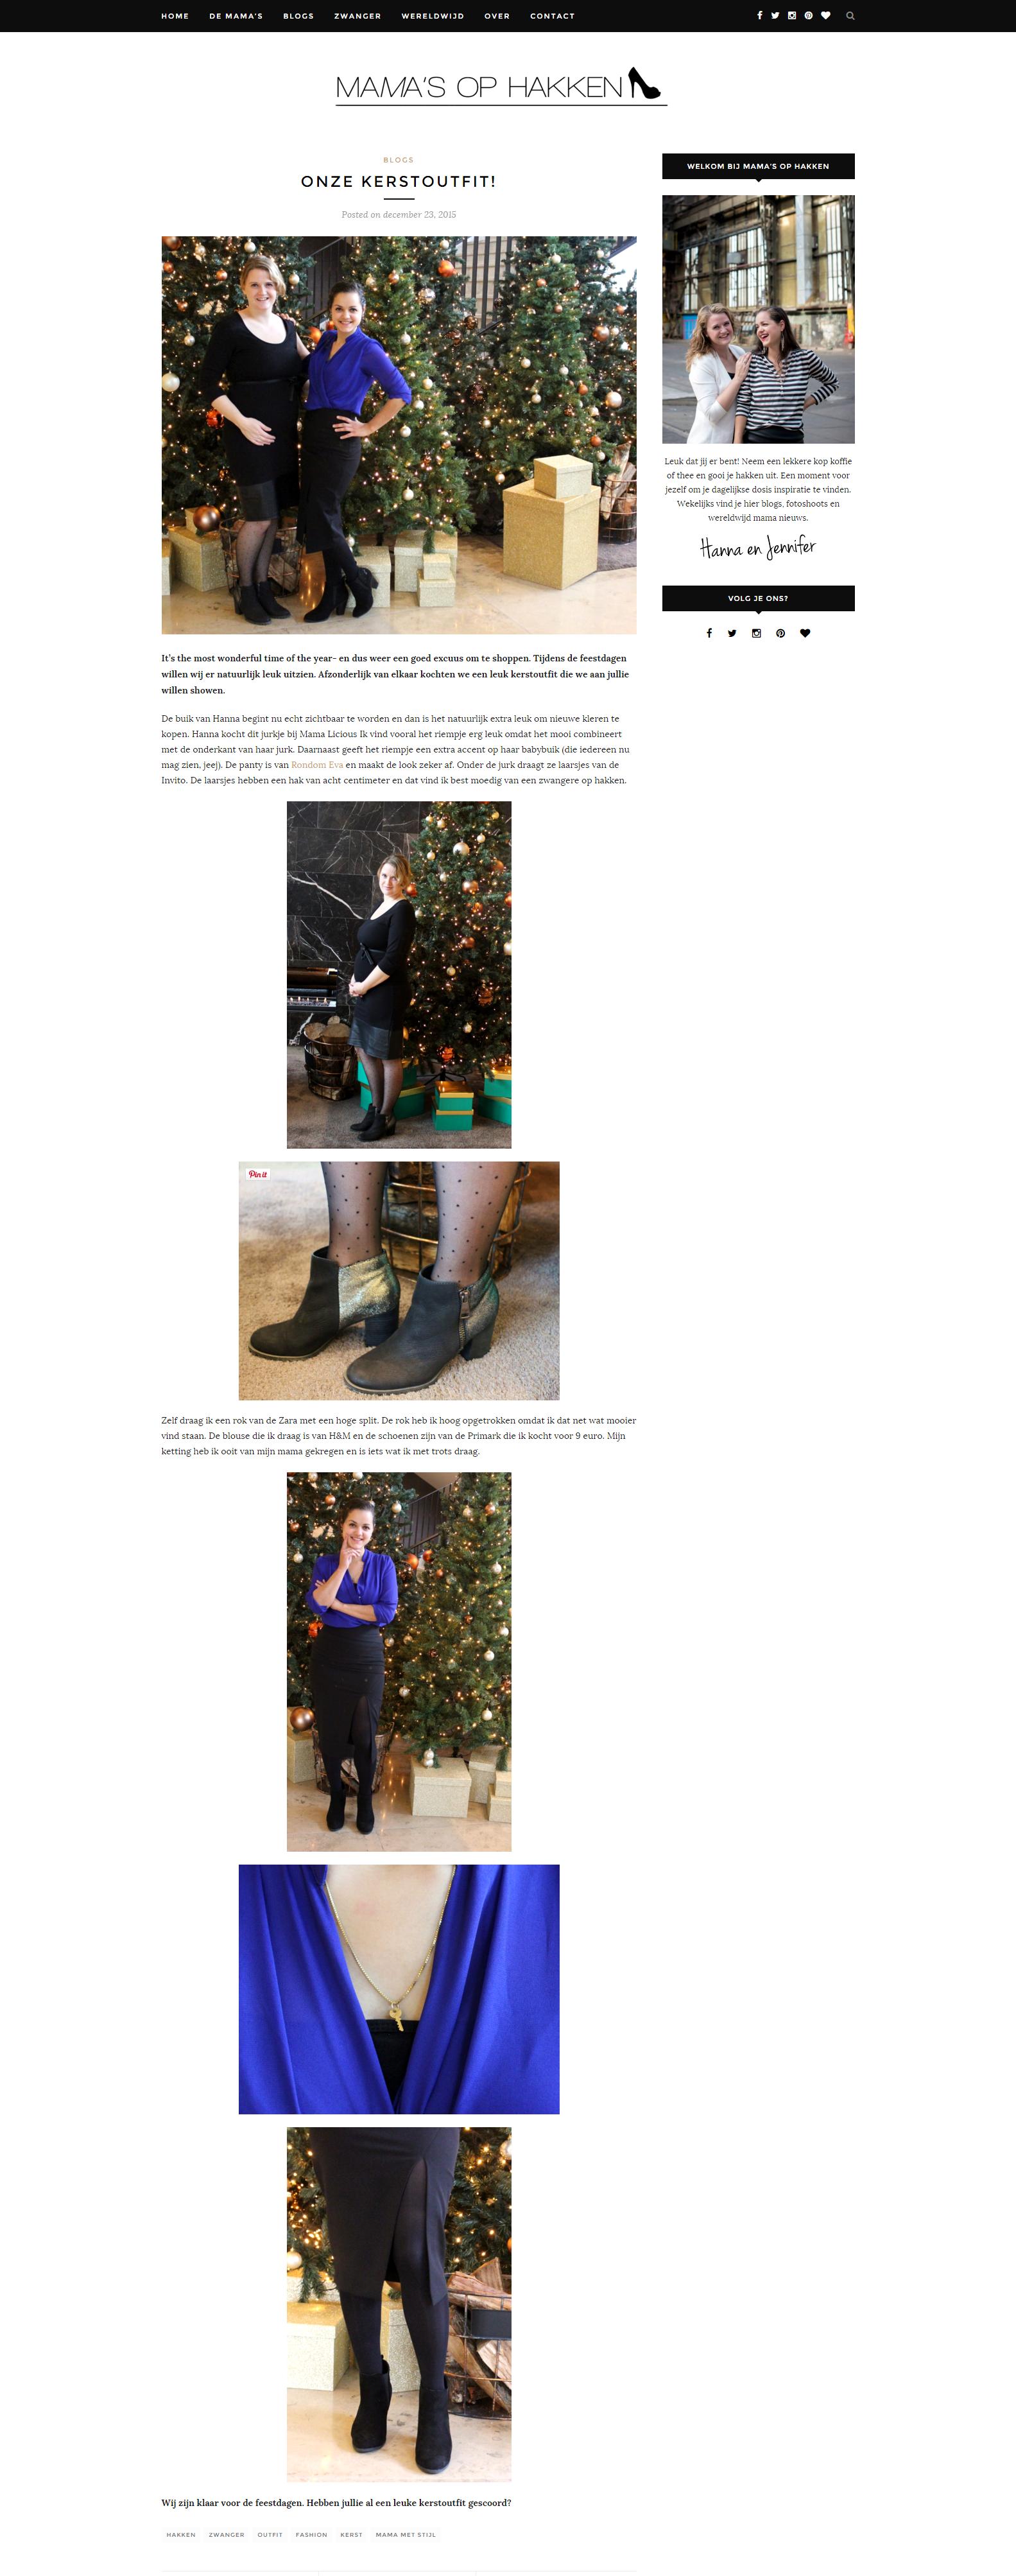 Leuk! Hanna en Jennifer van Mama's op hakken showen hun kerstoutfit en dragen daarbij de feestelijke polkadot zwangerschapspanty's van Cache Coeur.  Het artikel vind je hier: http://www.rondomeva.nl/media/mamas-op-hakken/  De zwangerschapspanty's van Cache Coeur vind je hier: http://www.rondomeva.nl/merken/cache-coeur/pantys/  Enne... like de pagina van de dames alvast even, binnenkort organiseren we samen een leuke winactie!